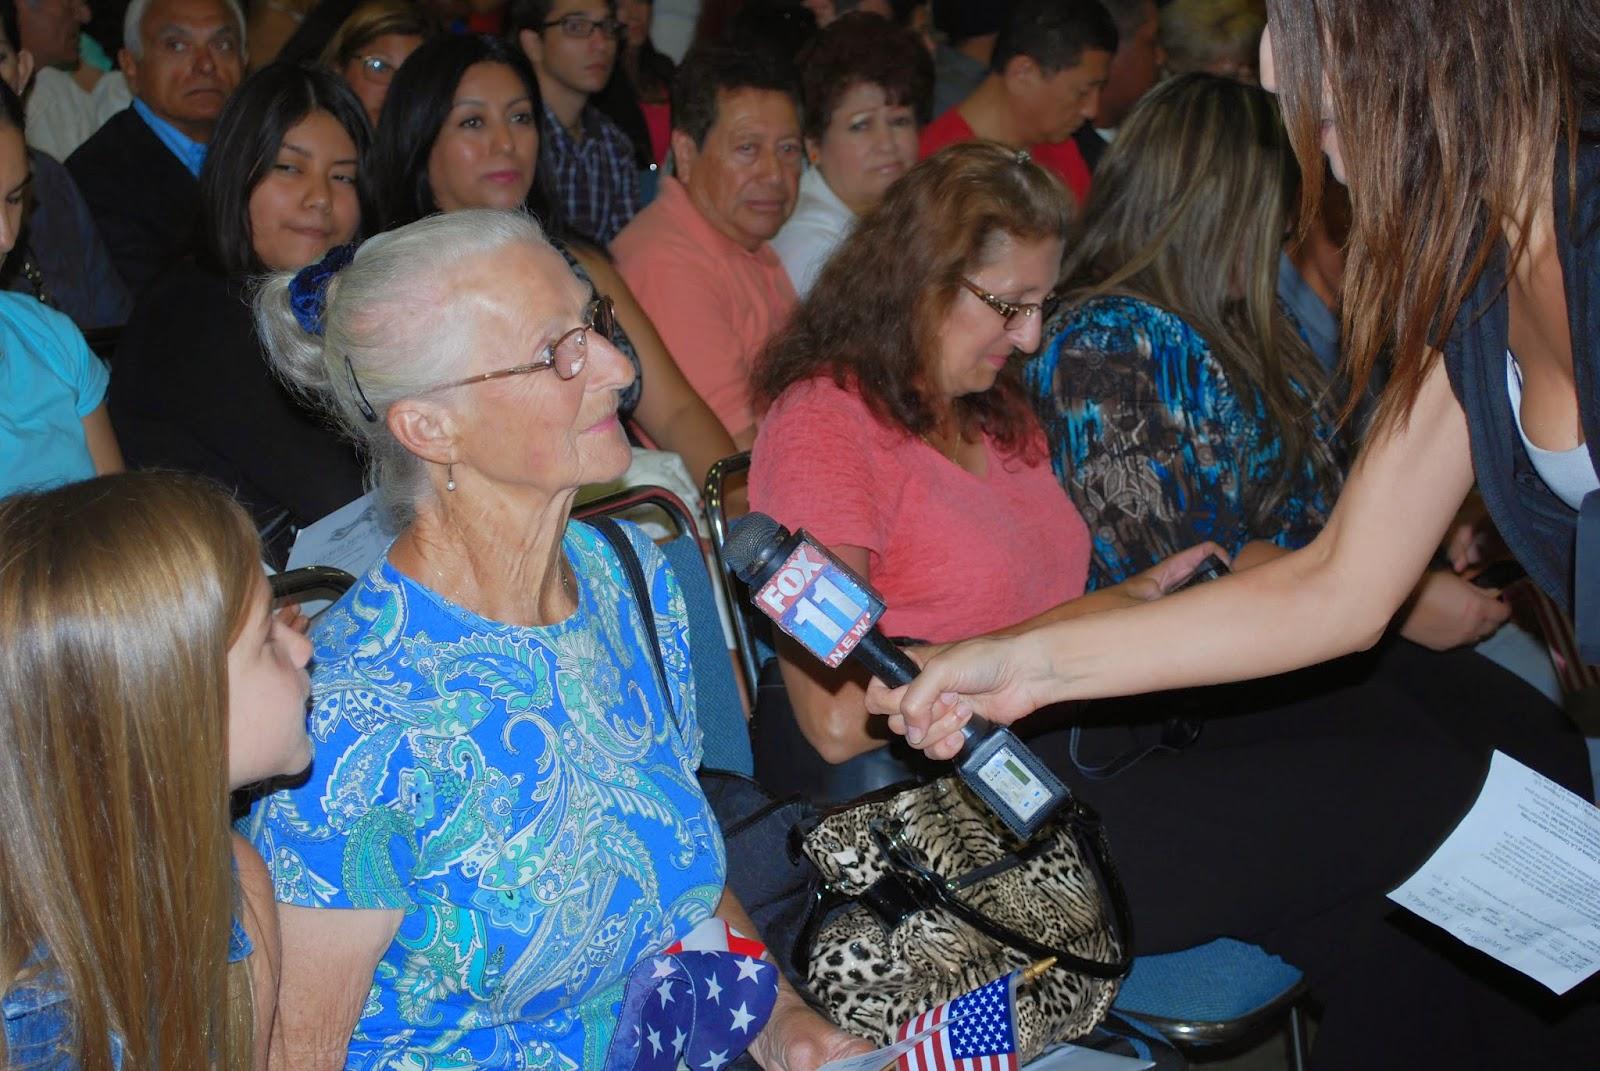 Un medio noticioso de Los Ángeles entrevista a Helga Basses acerca de su travesía y de la ocasión especial. Vea el reportaje aquí.